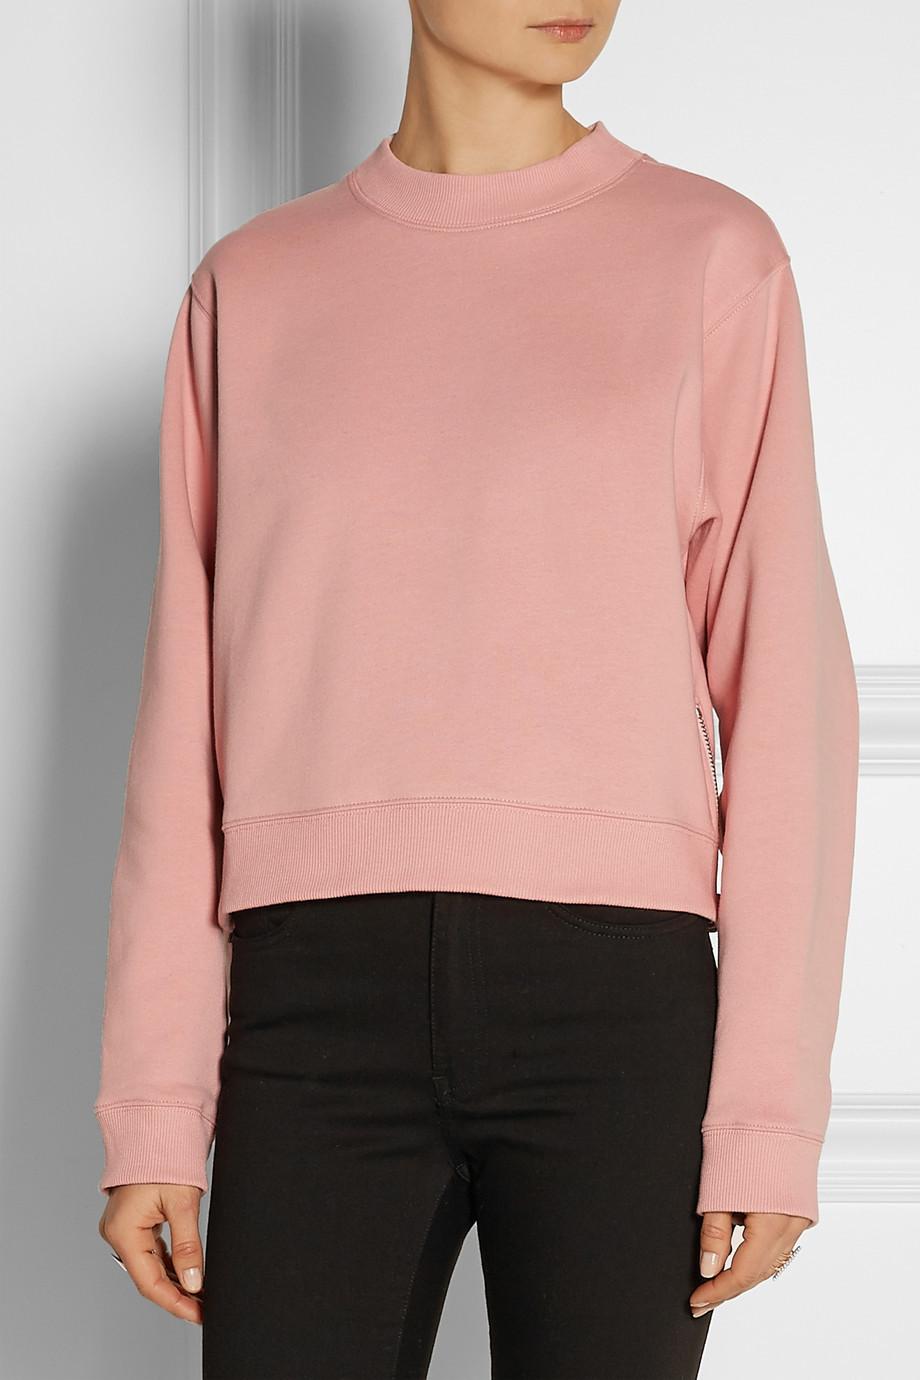 Здесь можно купить  2015SS Autumn NEW Women Solid Color ACNE Design Studios Original Side zipper Cotton Hoodies Sweatshirt Long Sleeved Pullovers  Одежда и аксессуары